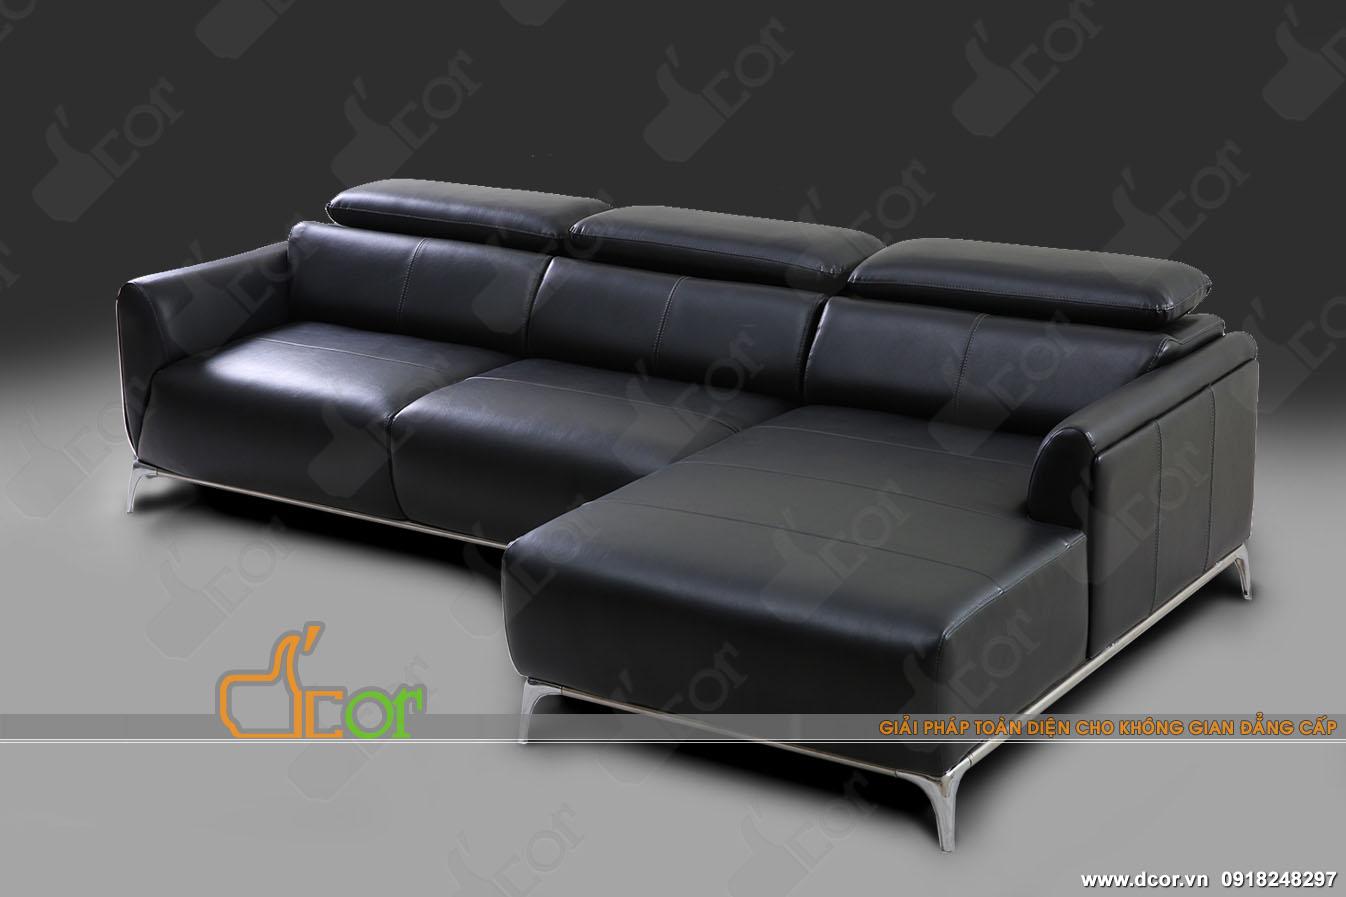 Mẫu ghế Sofa sản xuất tại Việt Nam